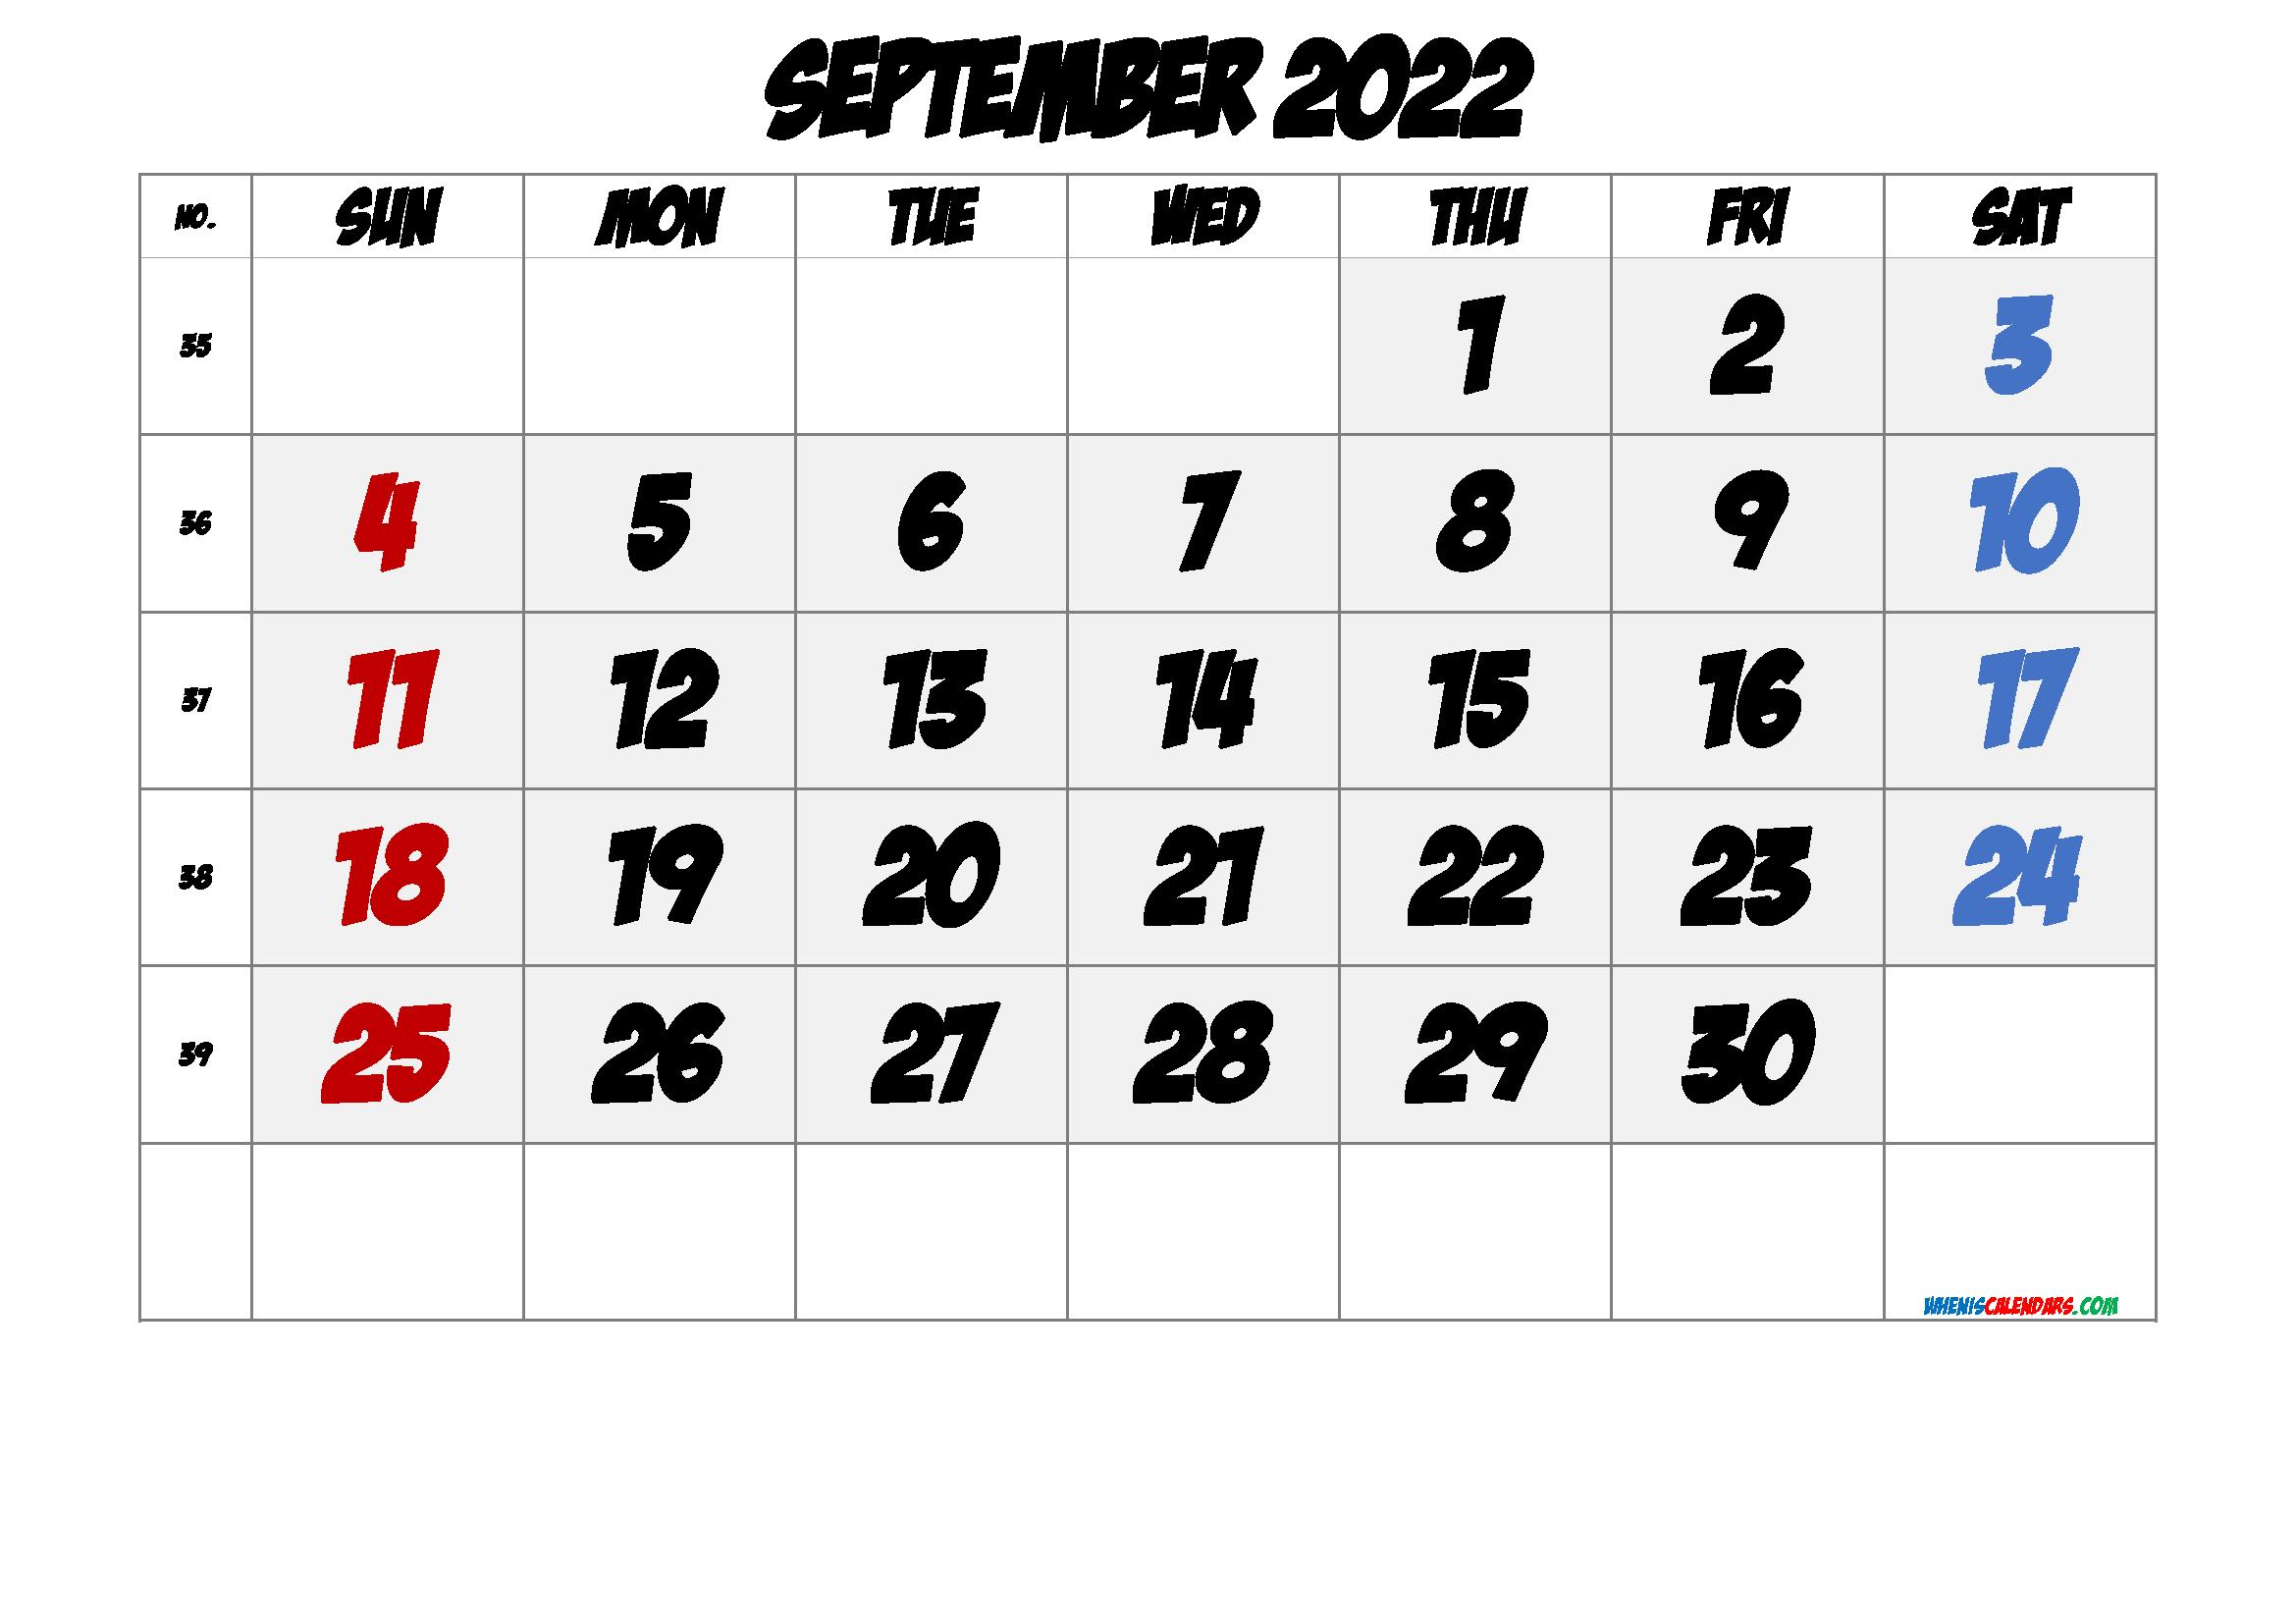 Free Printable September 2022 Calendar with Week Numbers